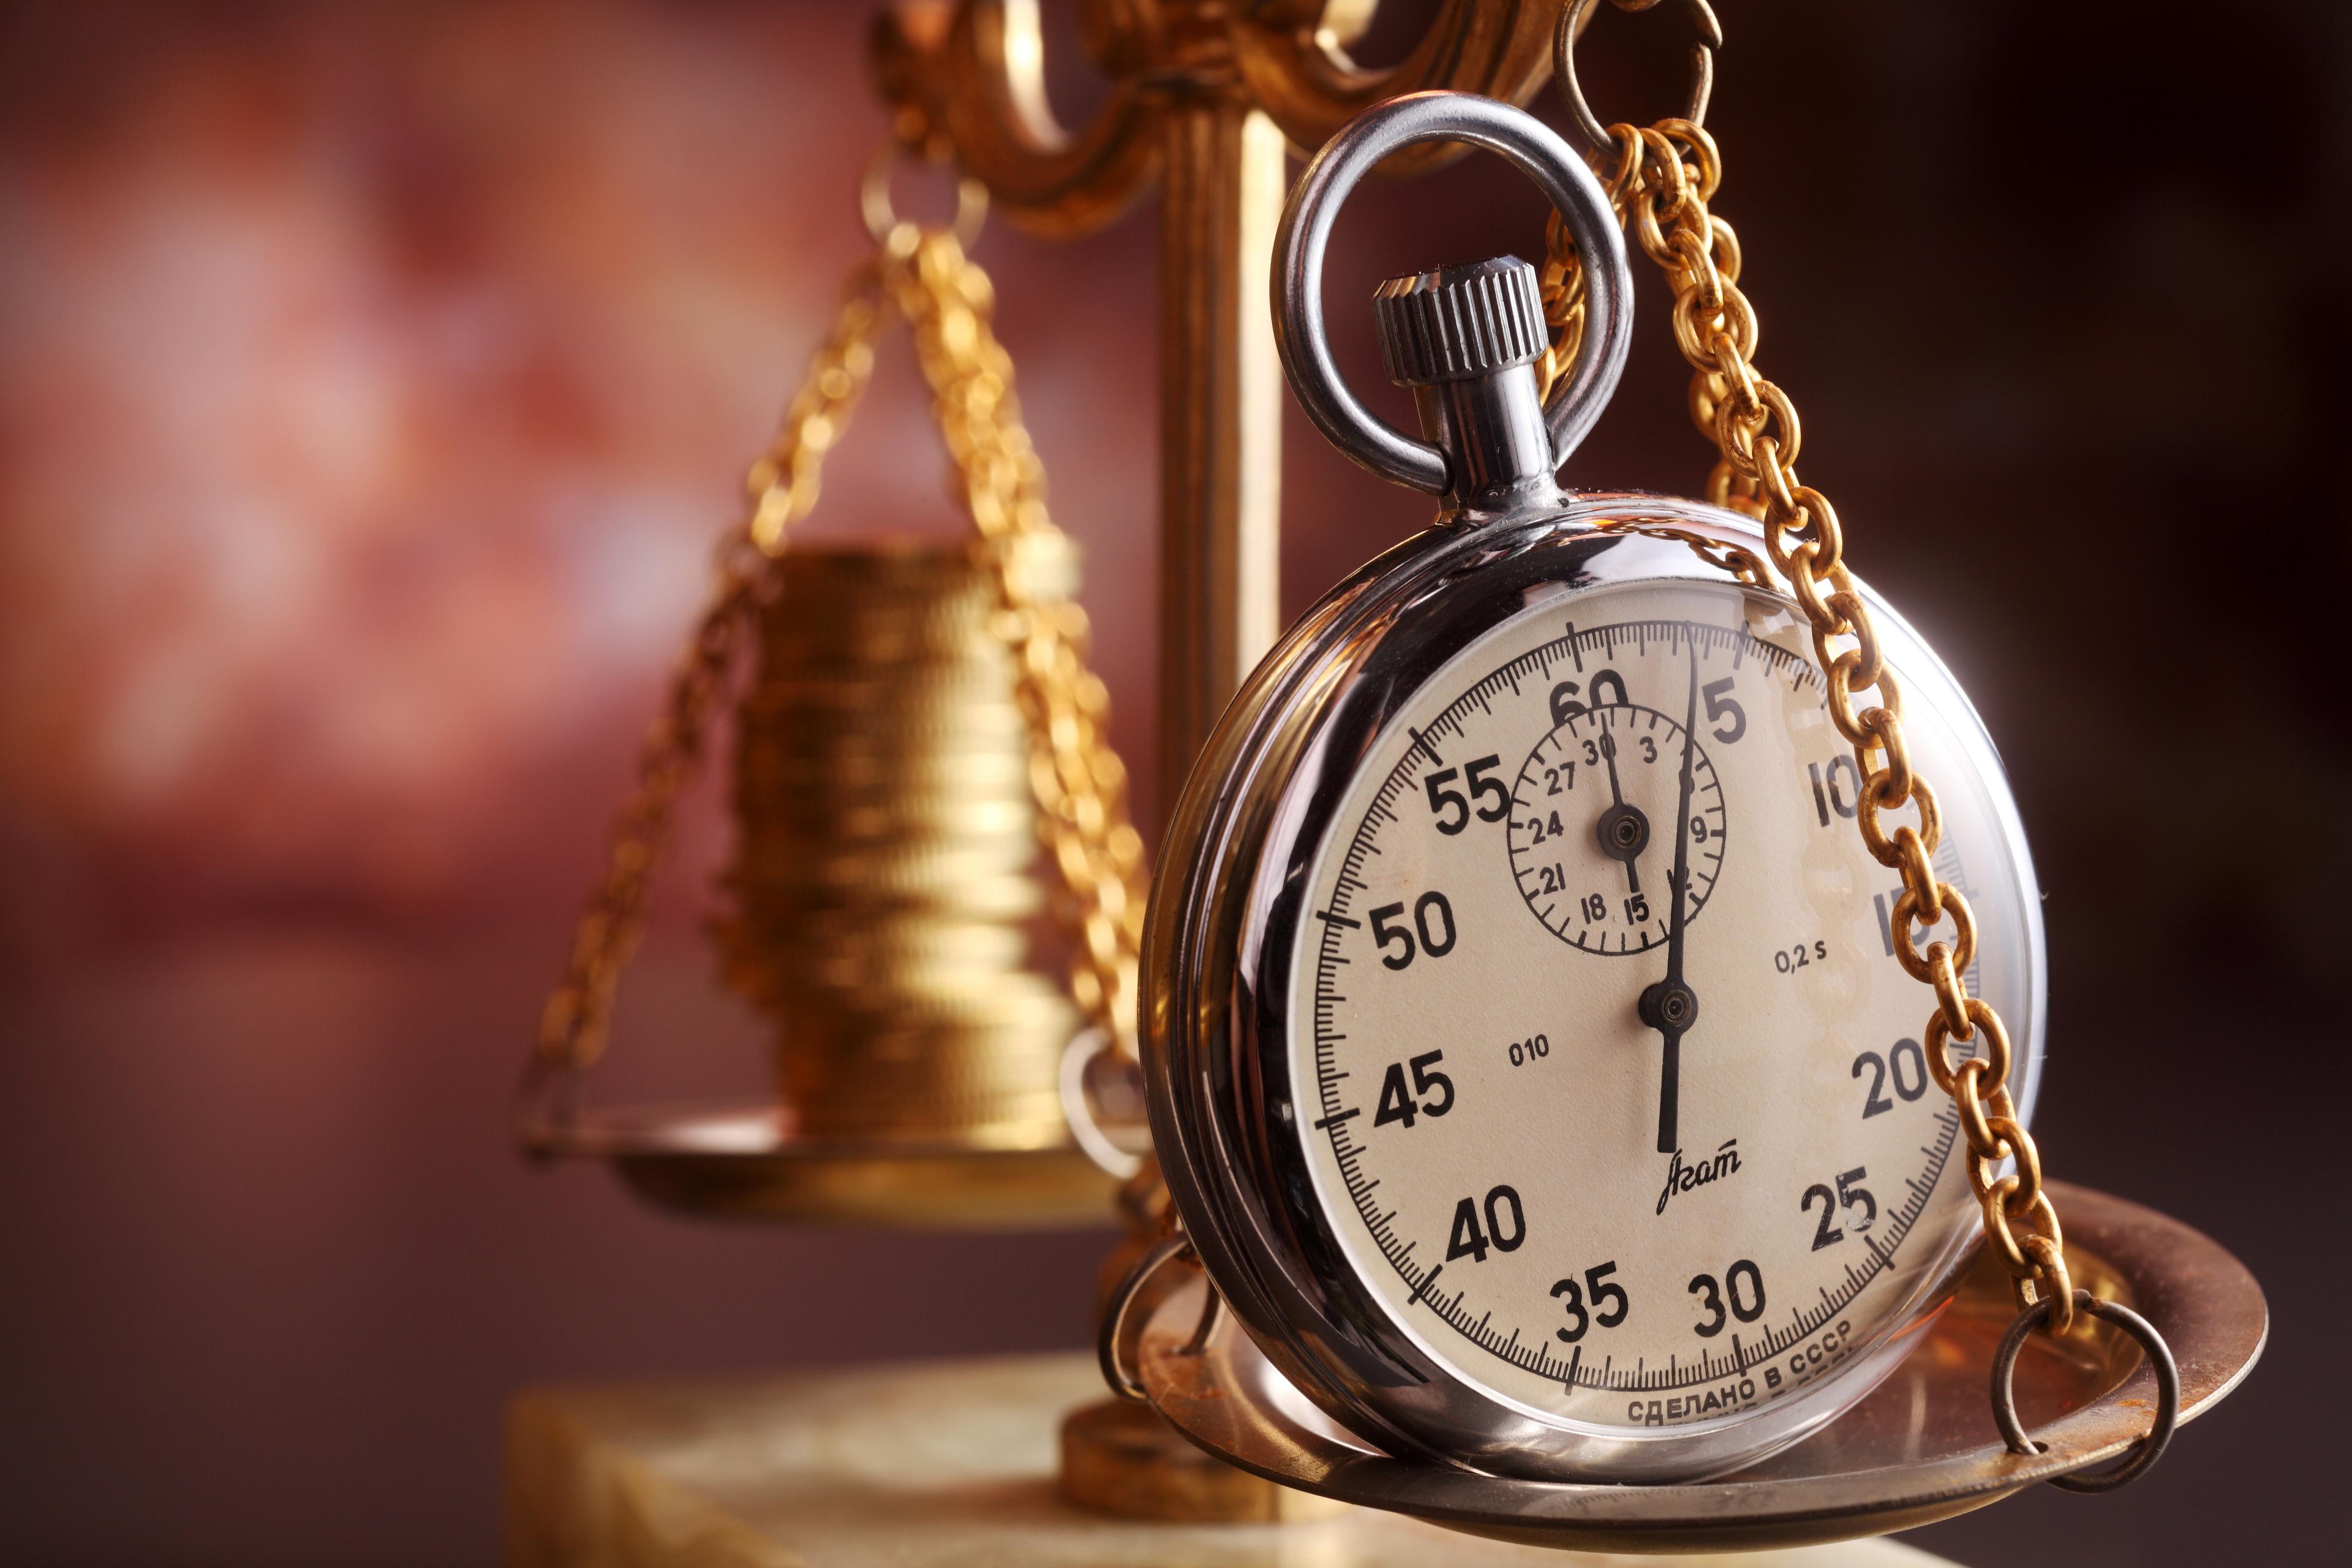 watch-on-scales-with-coins Vláda schválila prodloužení mimořádného moratoria a dalších ochranných lhůt